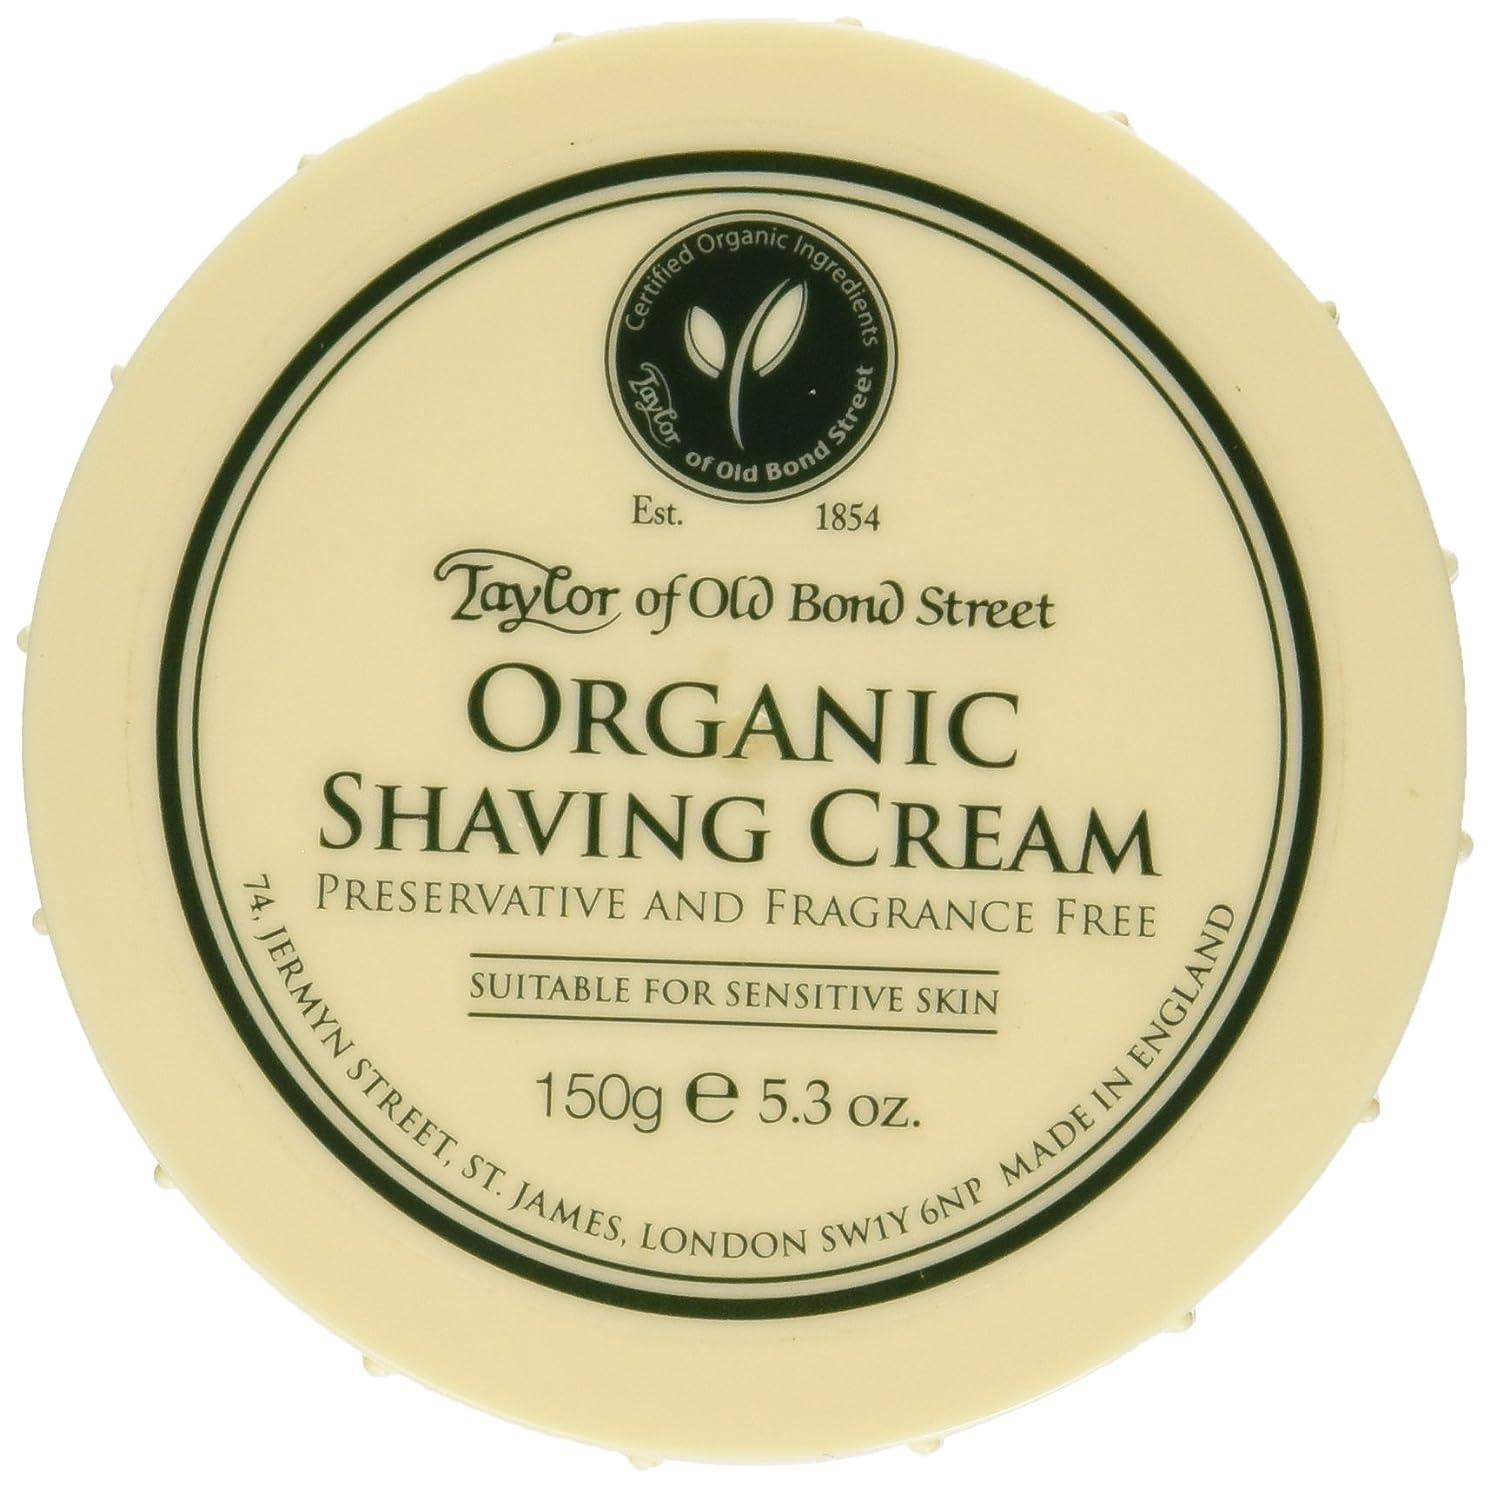 注釈引っ張る危険Taylor of Old Bond Street Organic Shaving Cream w/ Aloe & Jojoba *New* 5.3 oz. by Taylor of Old Bond Street